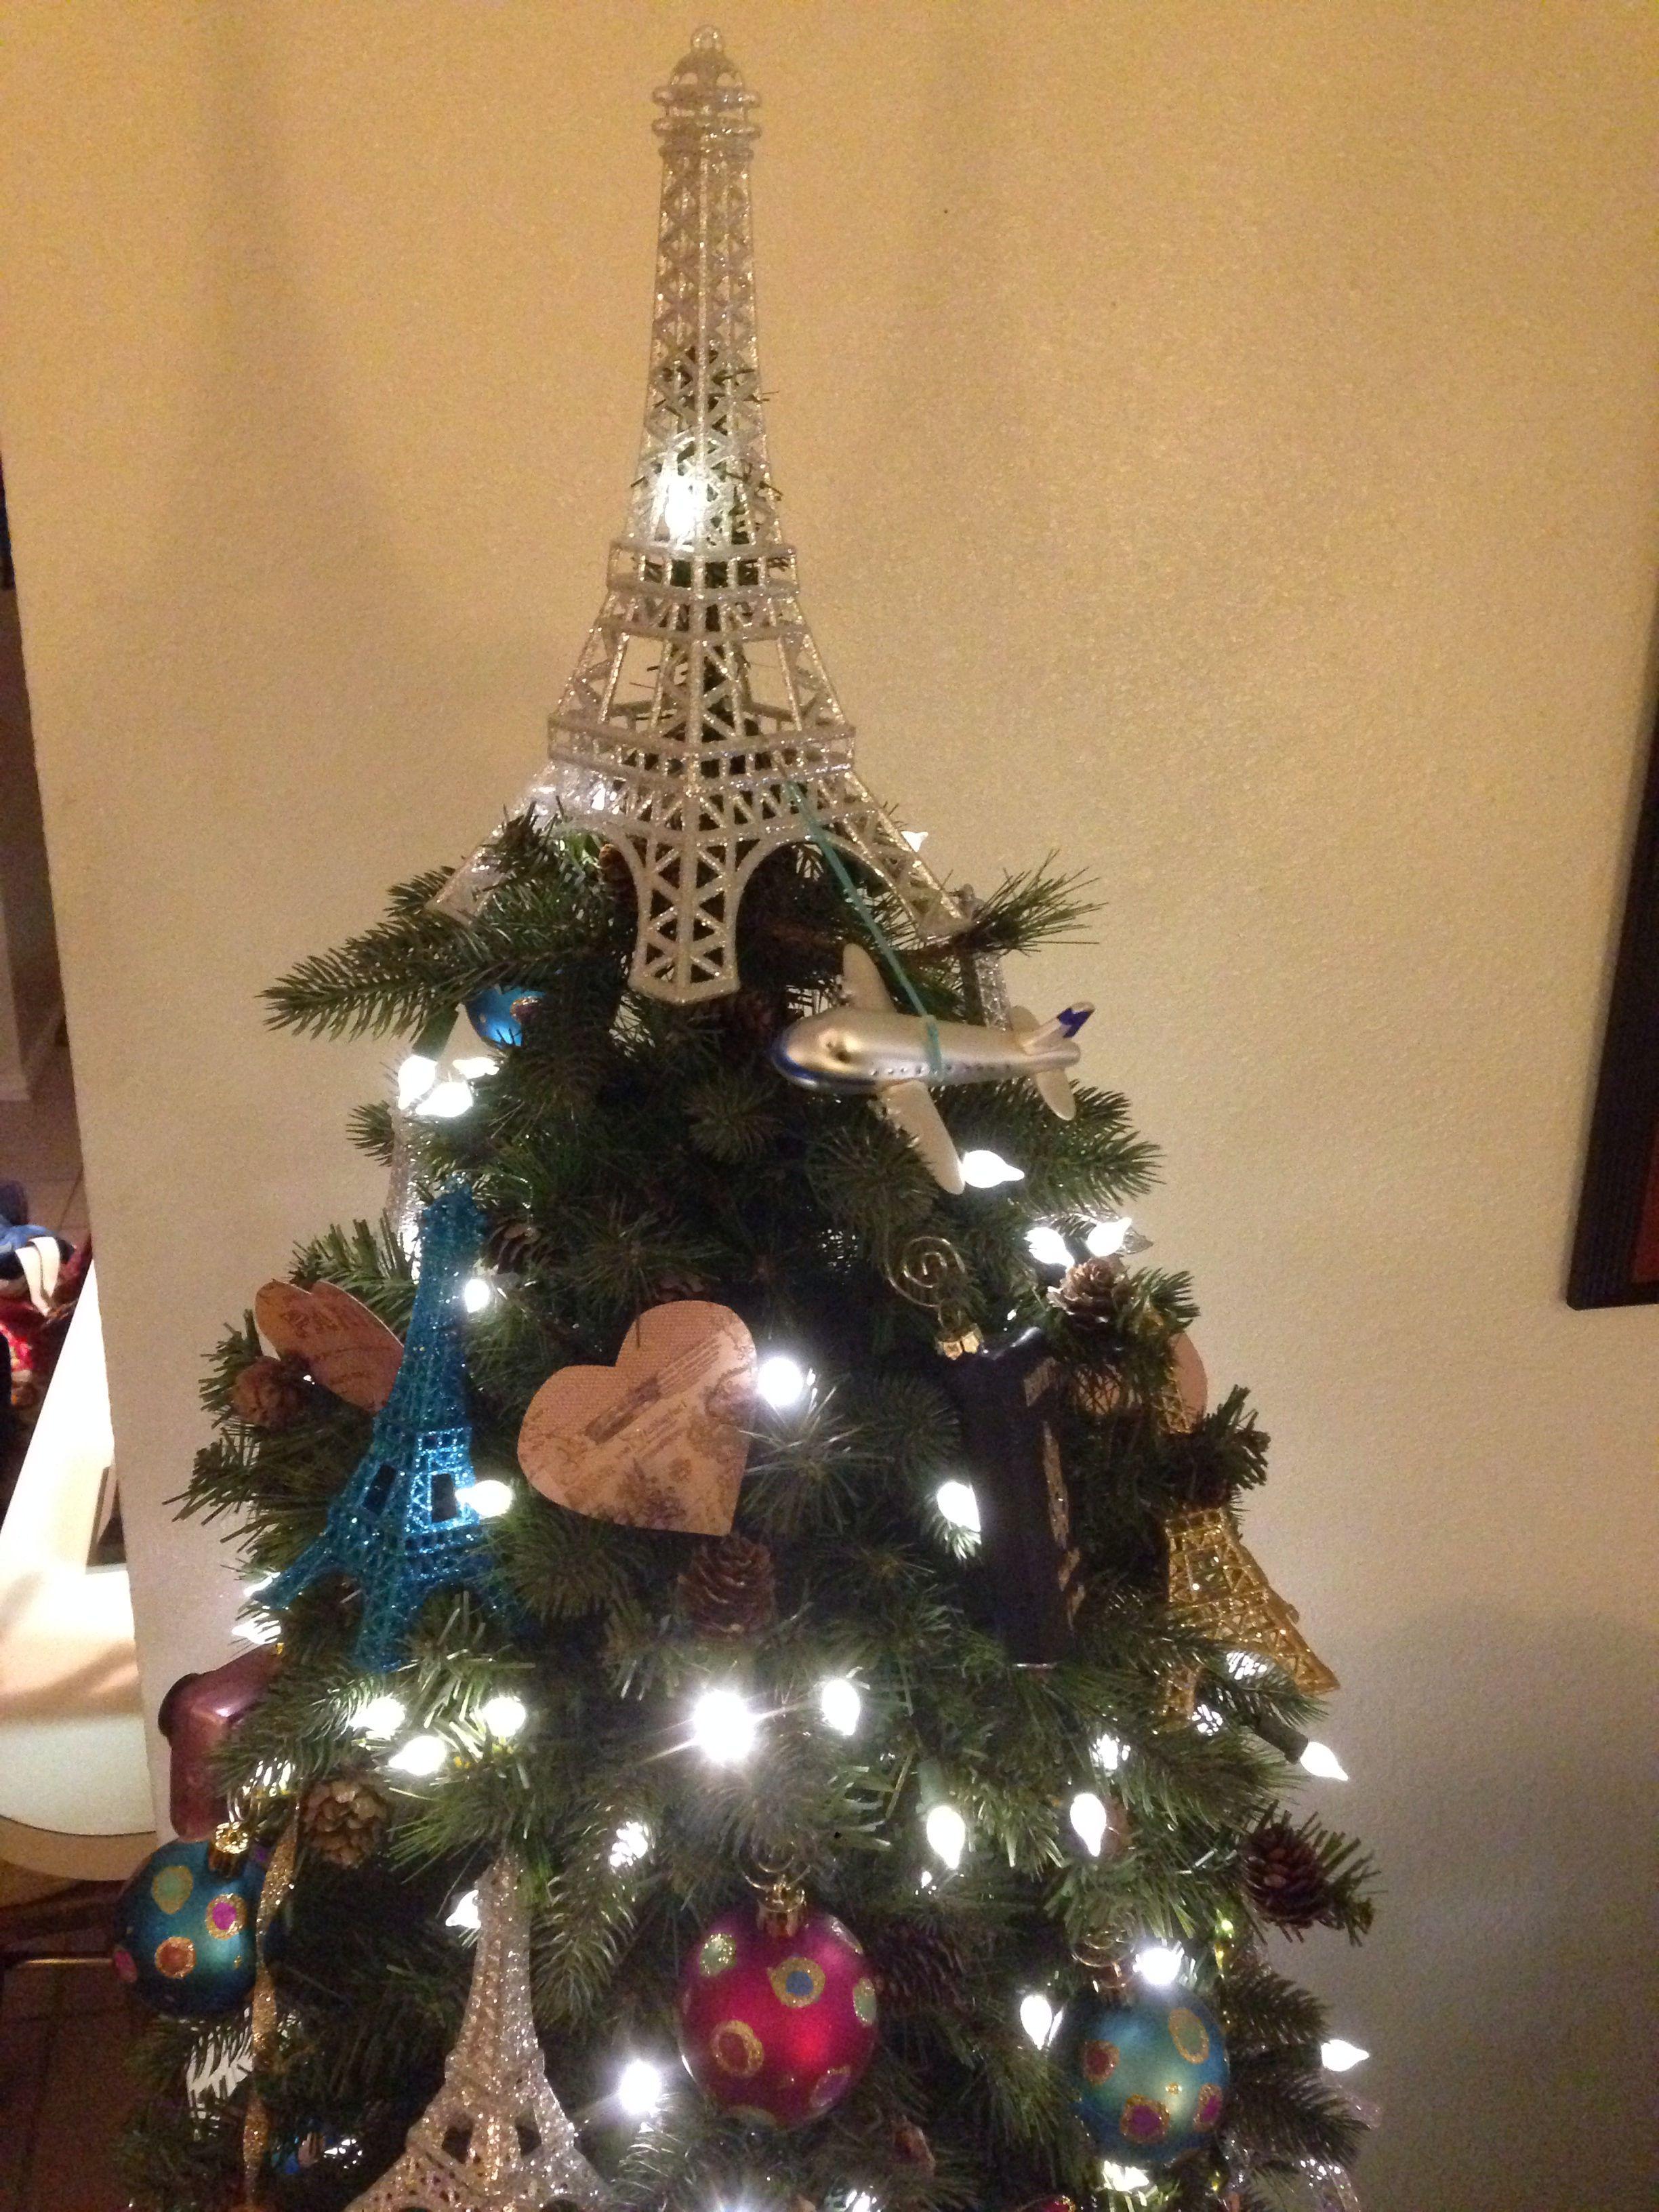 Eiffel tower christmas tree ornament - Eiffel Tower Christmas Tree Topper